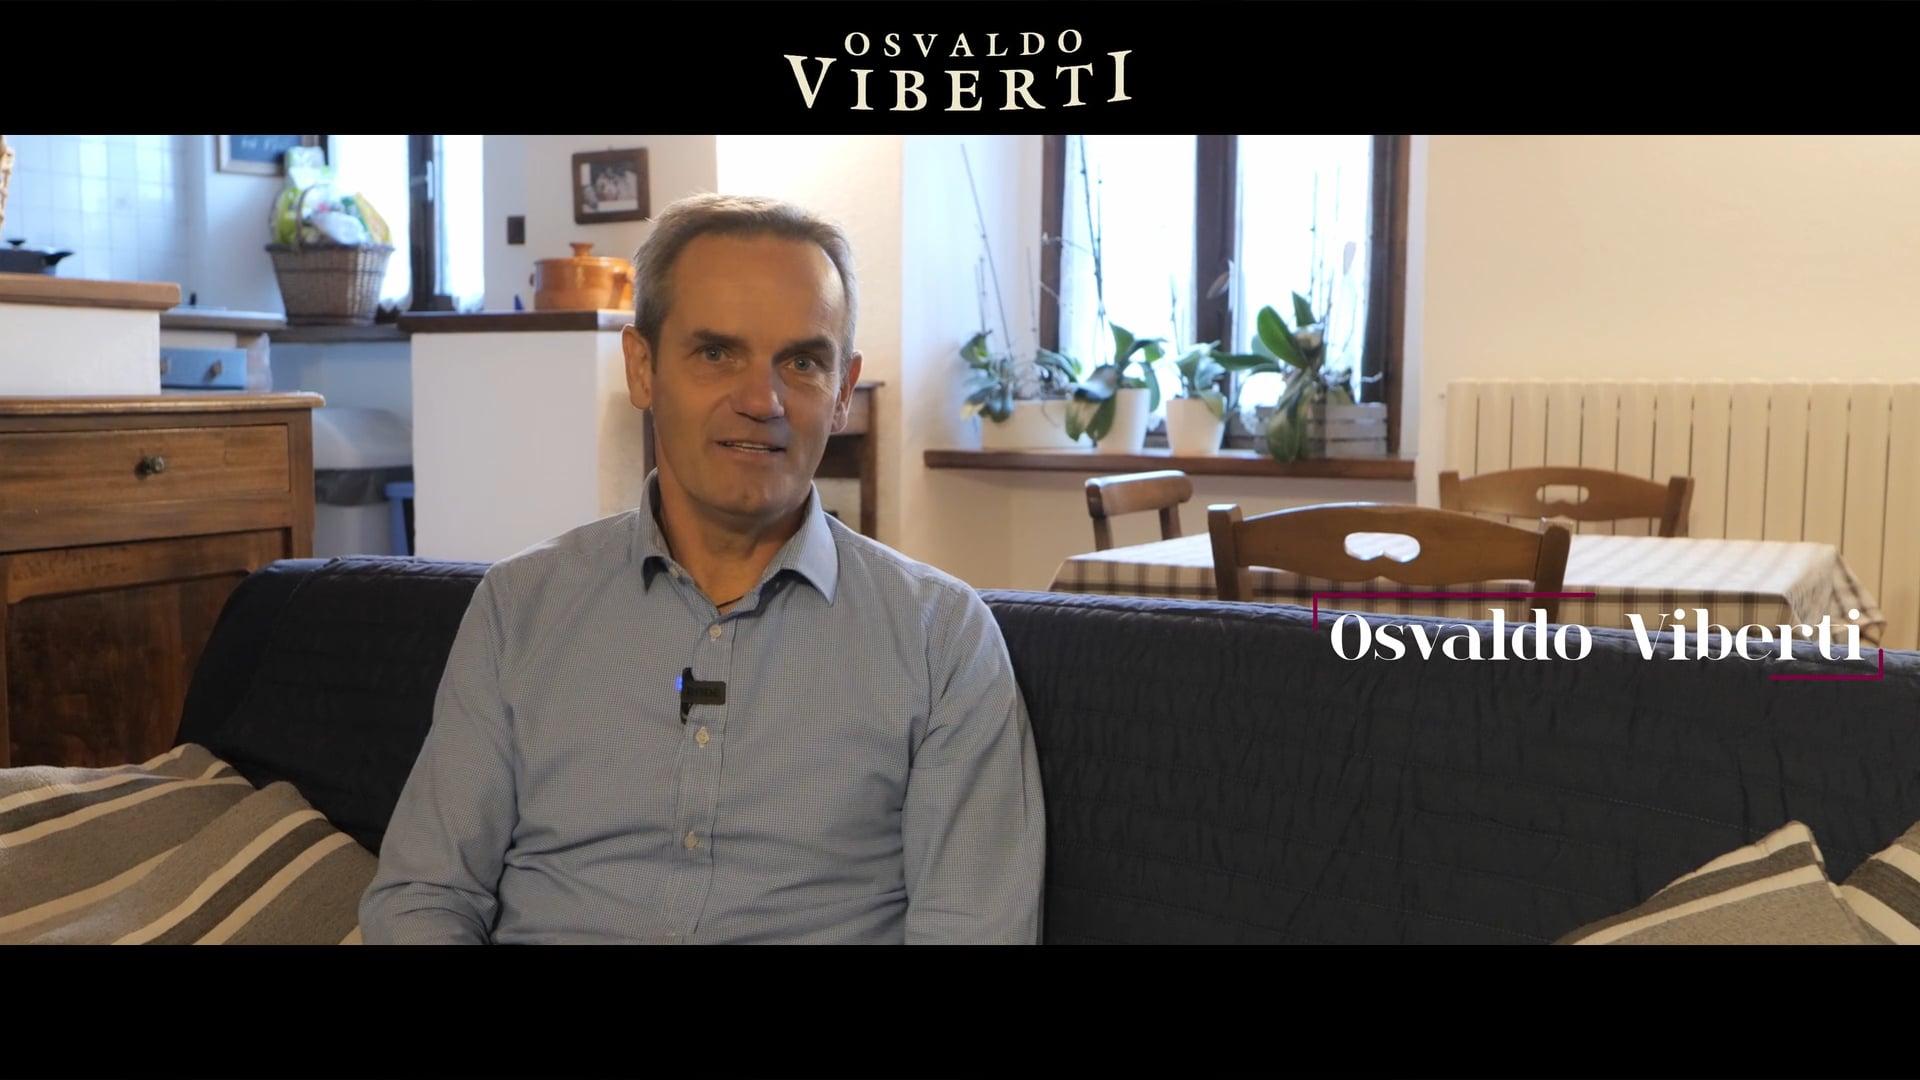 Osvaldo Viberti, Storia